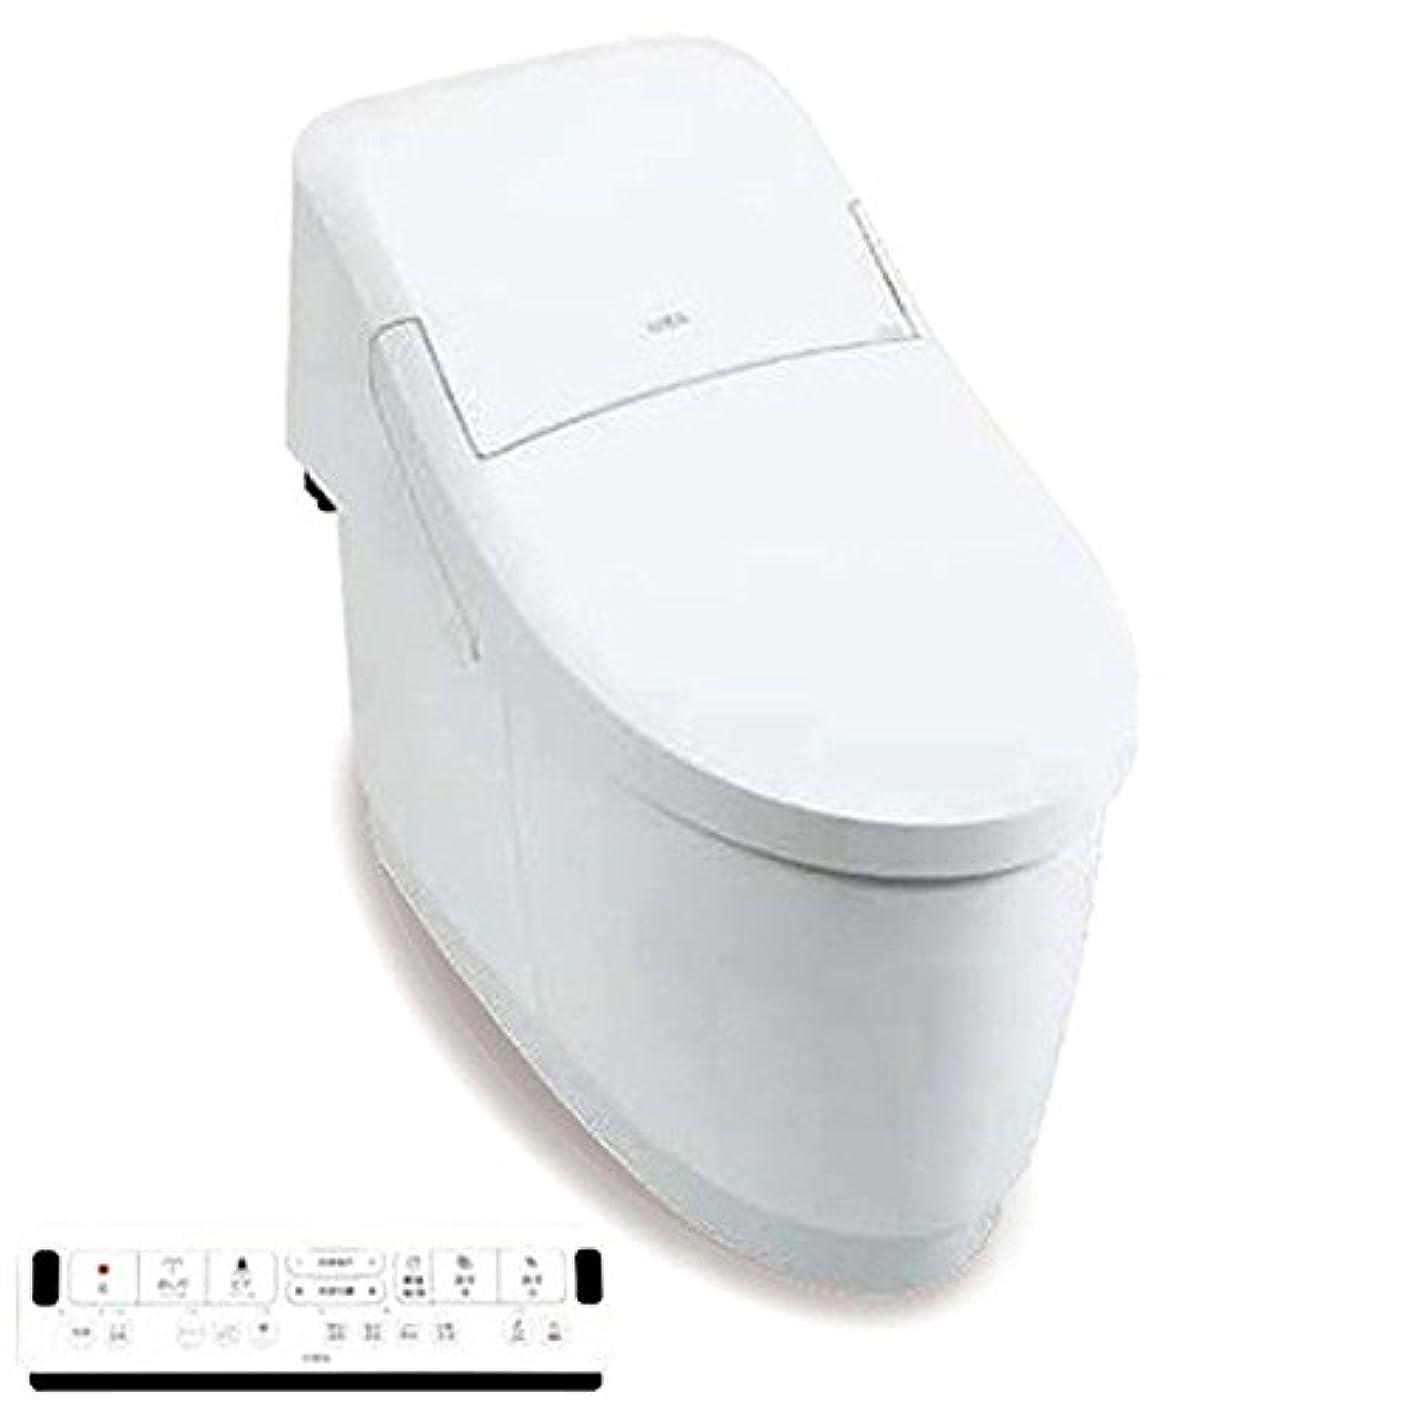 ファンタジー拘束するペフLIXIL シャワートイレ一体型便器 プレアスLSタイプ CL4 床排水200mm タンク式 アクアセラミック ピンク YBC-CL10S+DT-CL114A LR8